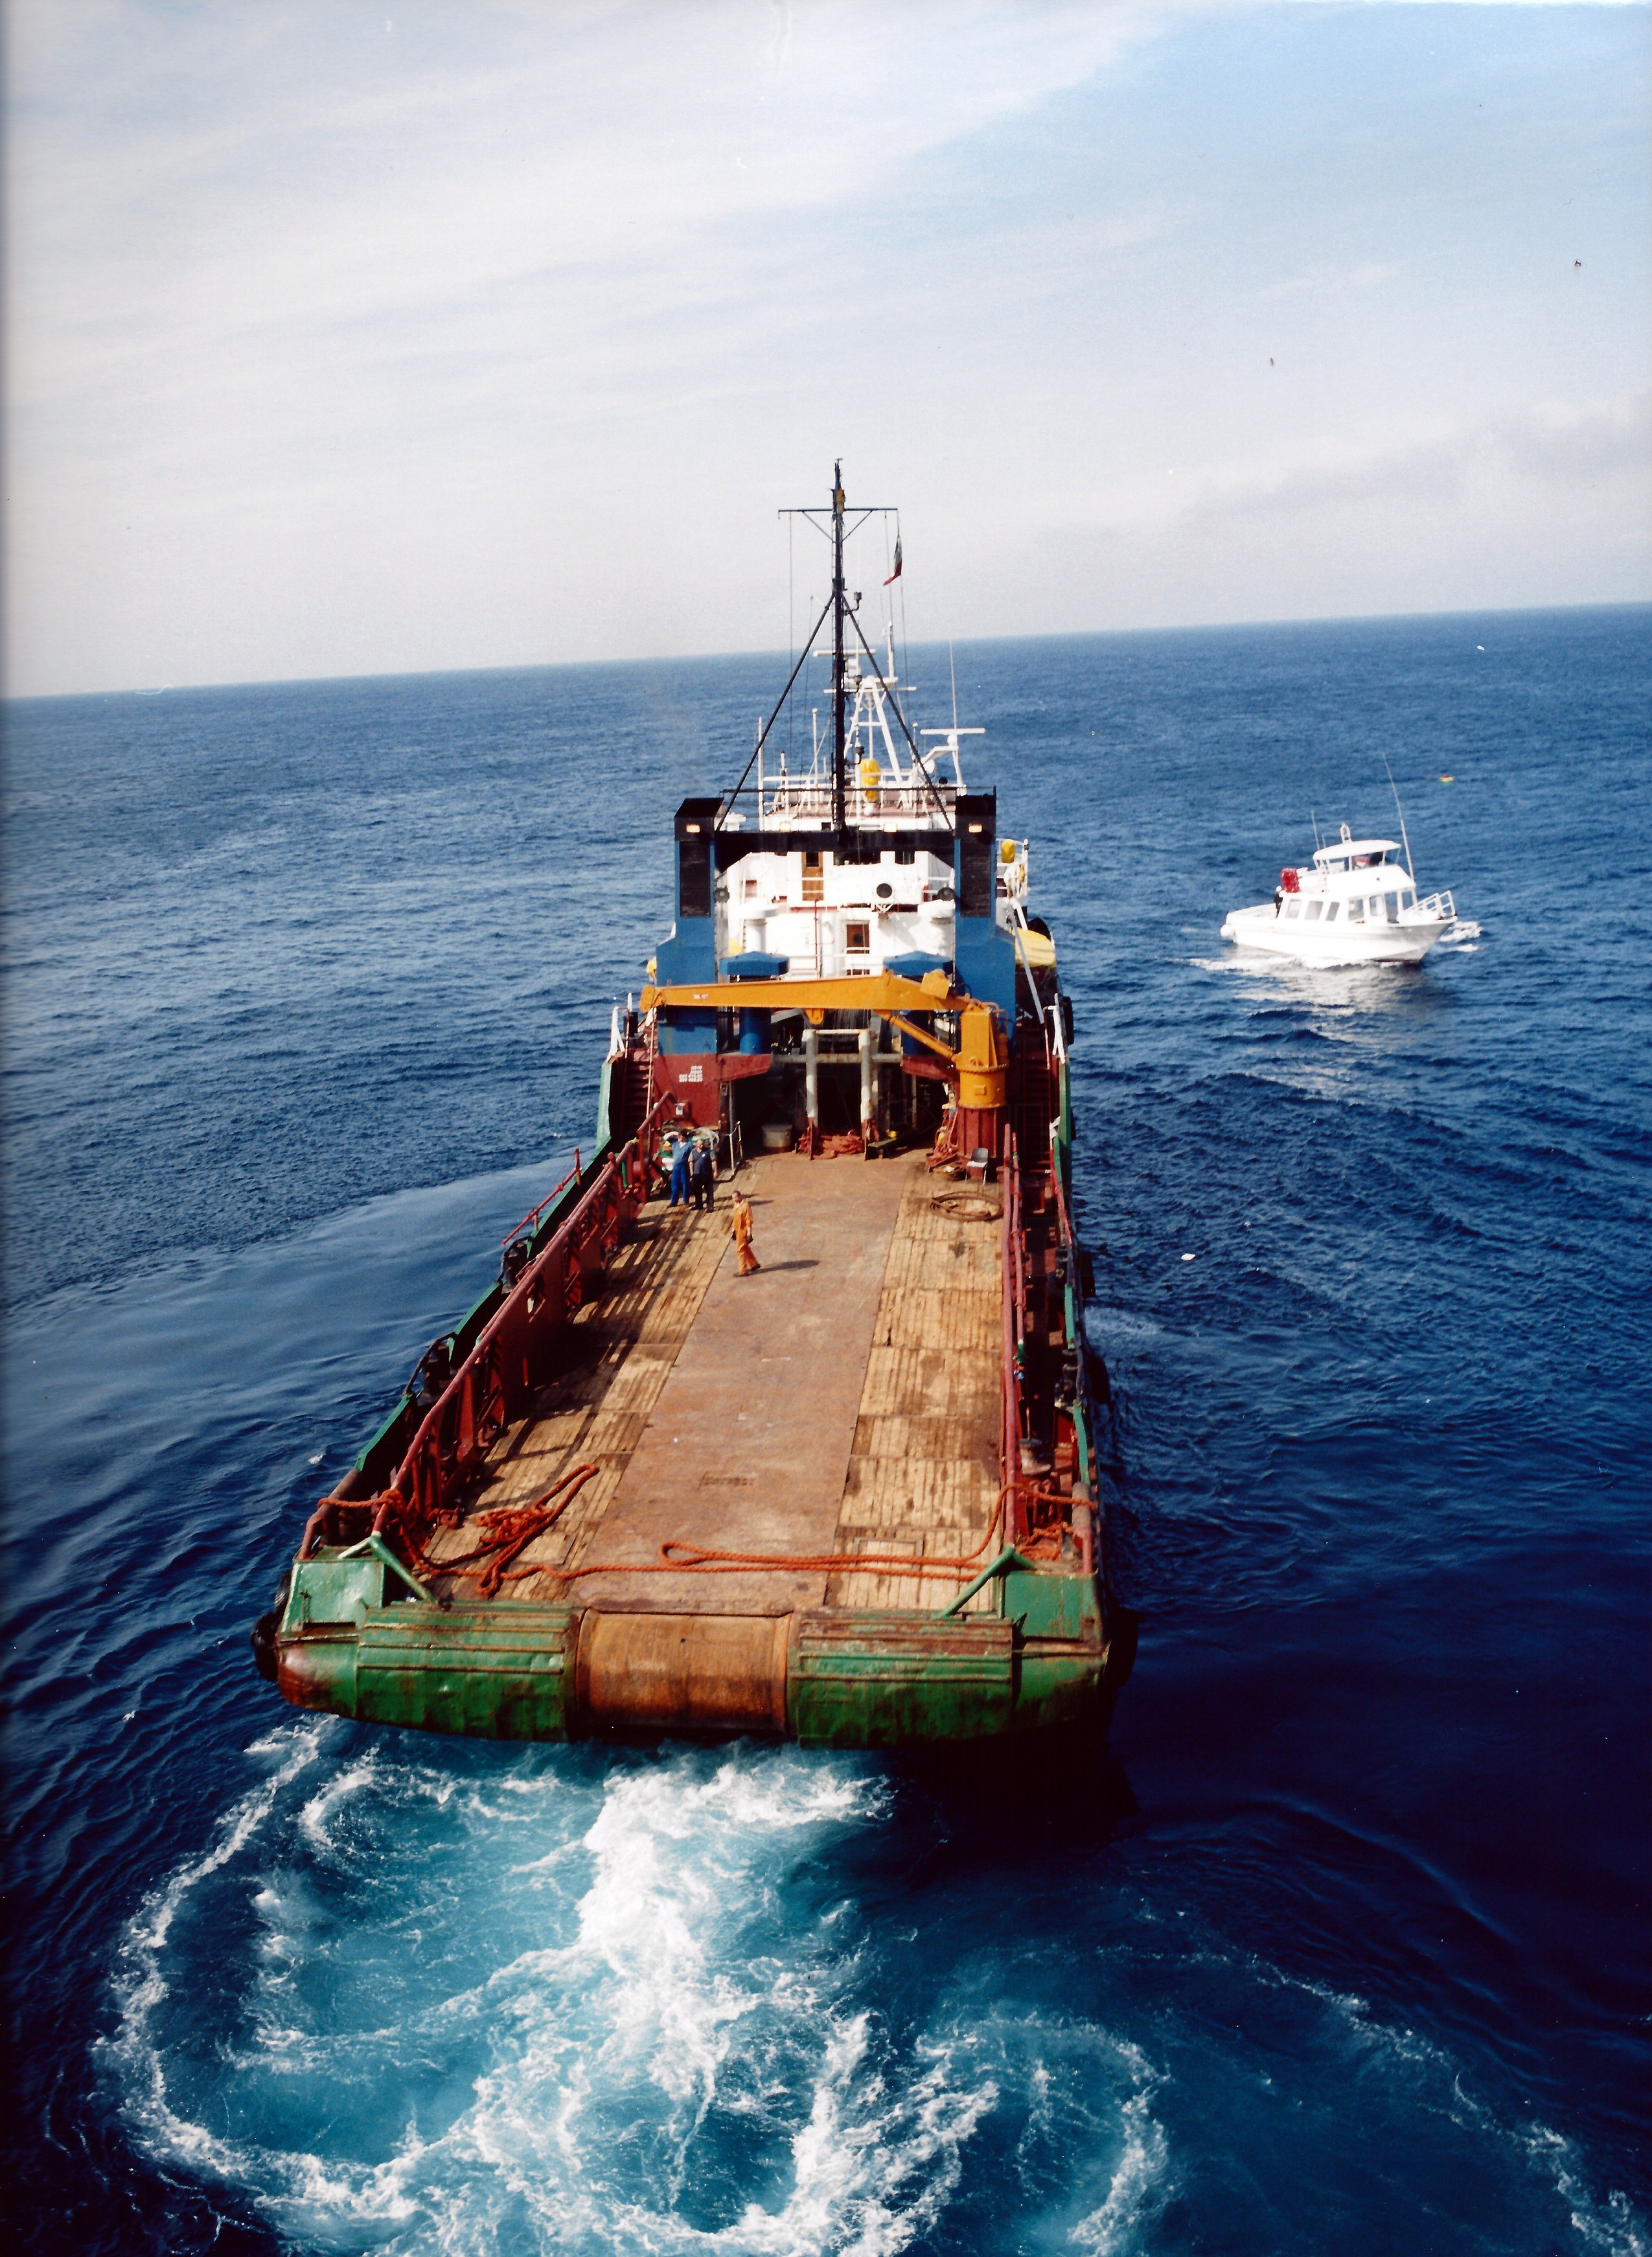 Archivio fotografico costruzione condotta sottomarina for Costruzione scantinato di scantinati